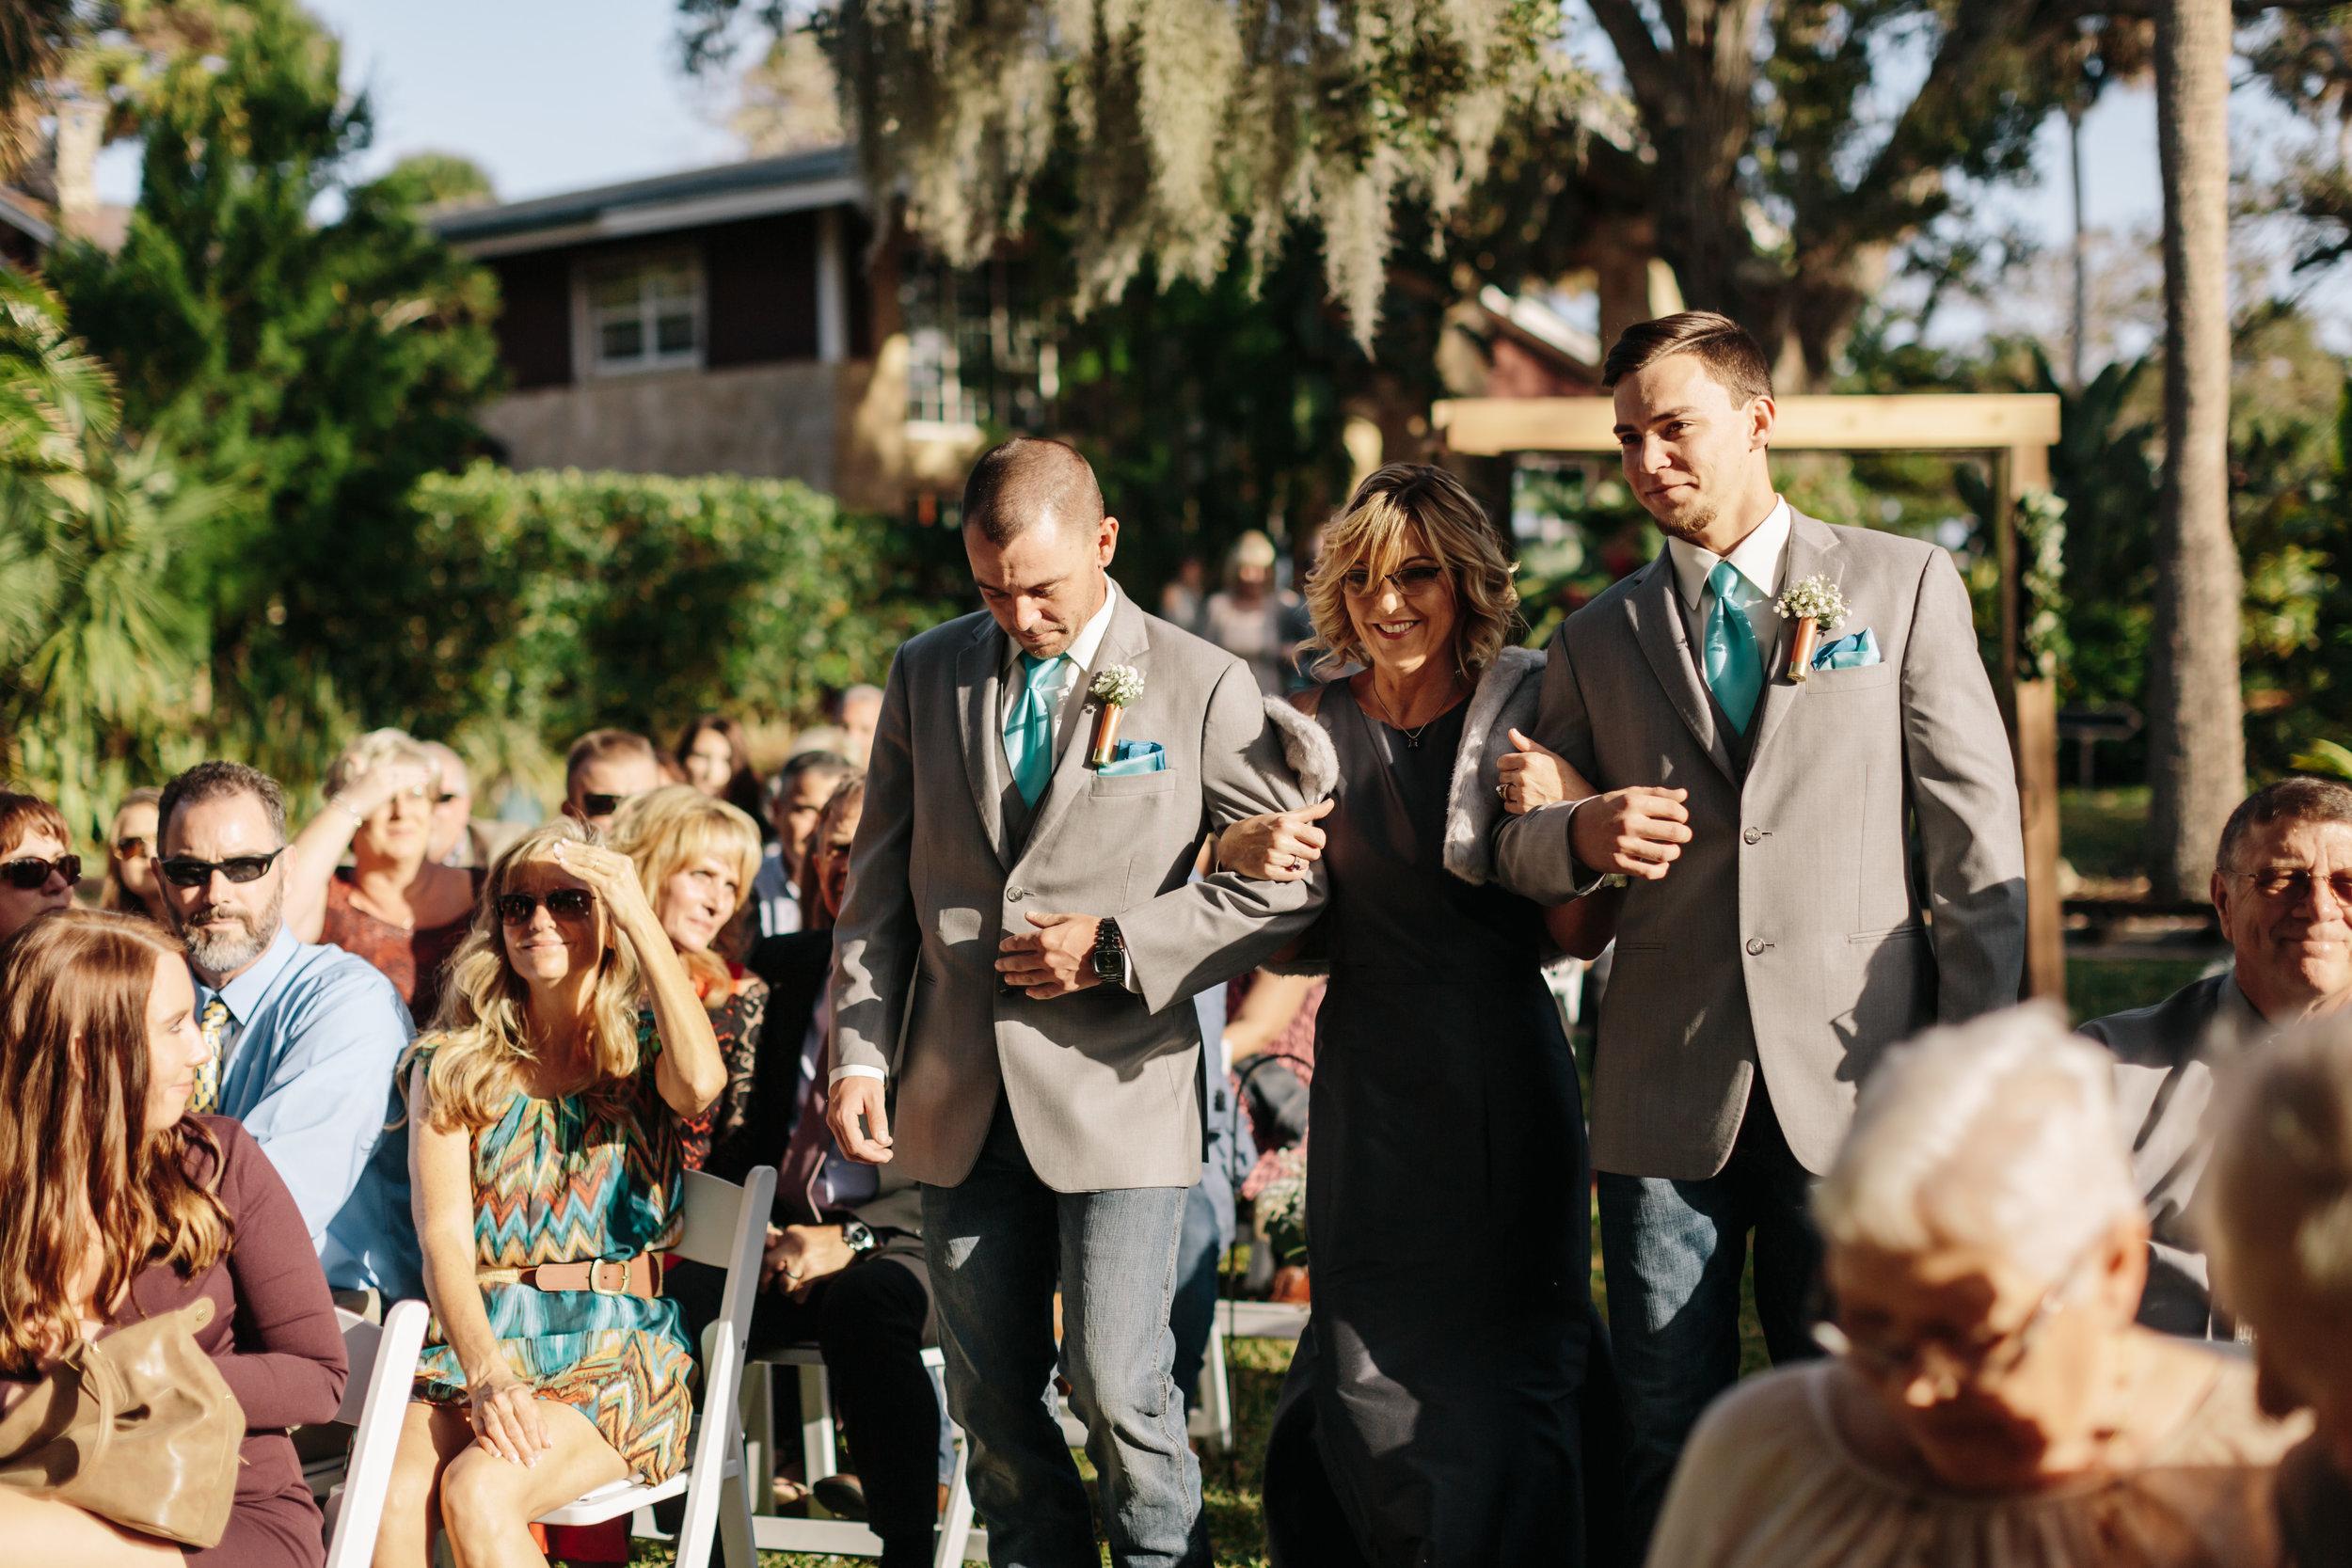 2018.02.10 Mariah and Ryan Baker Estate on Halifax Wedding (435 of 1218).jpg